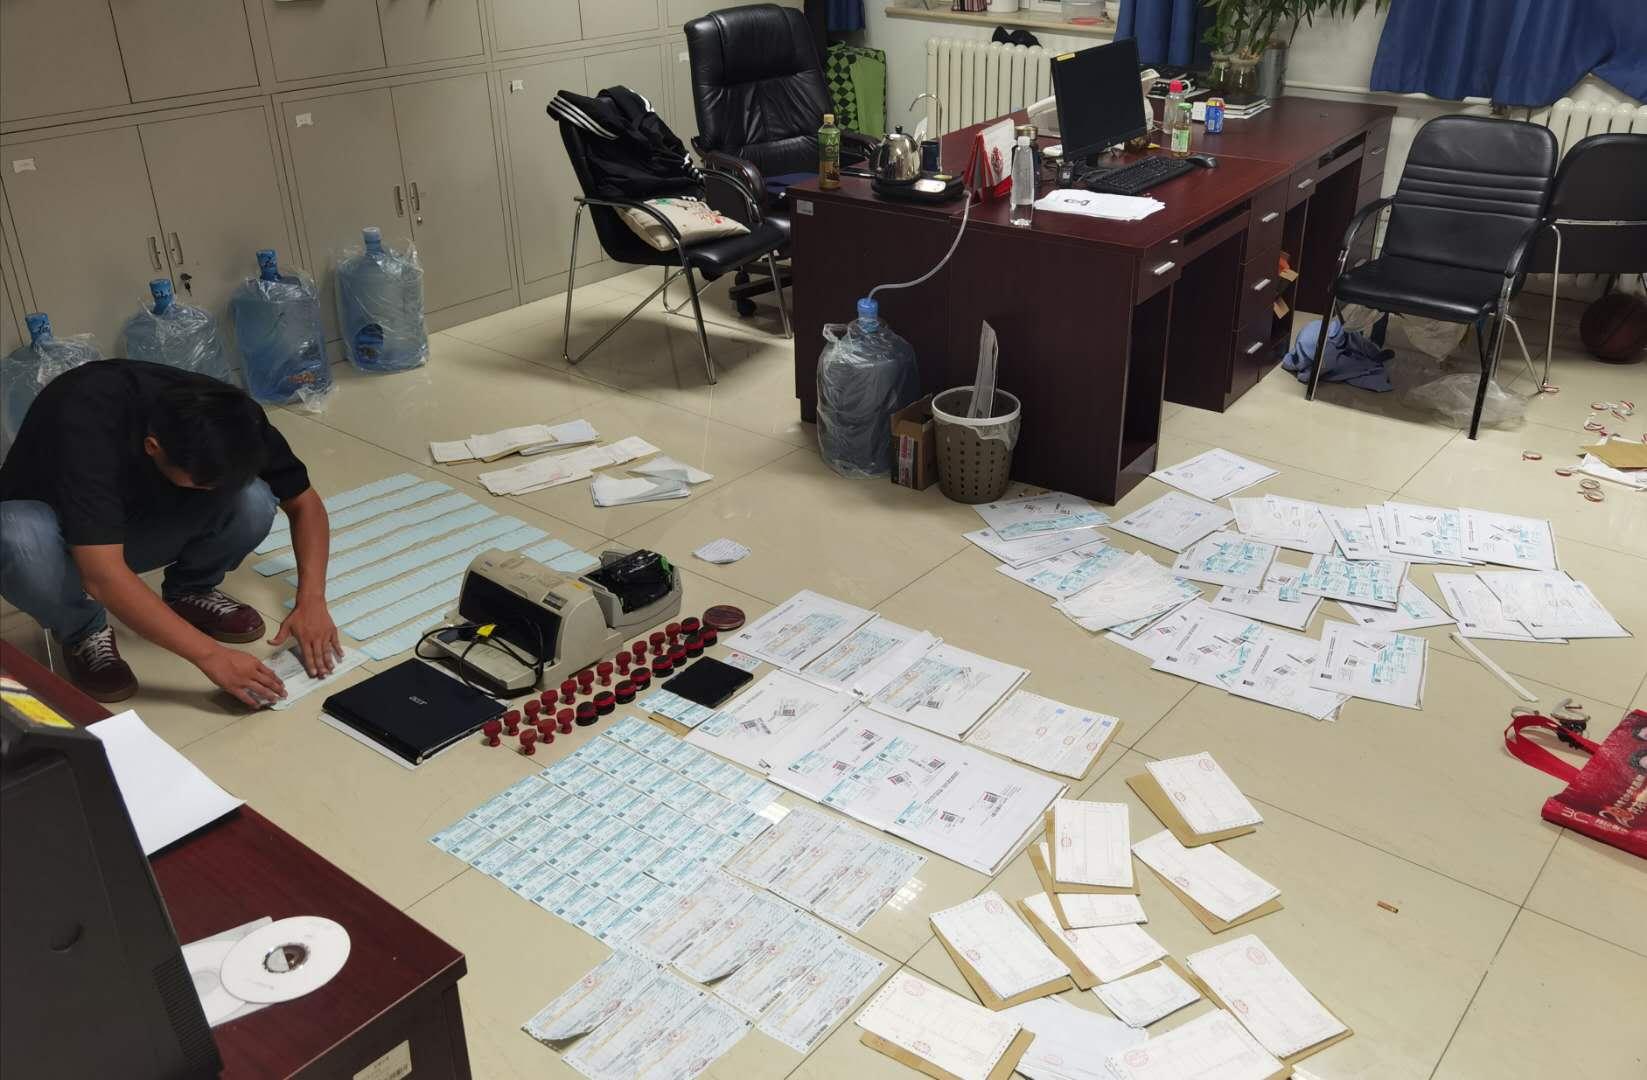 北京铁警抓获5旬票贩,当场缴获假火车票近400张图片